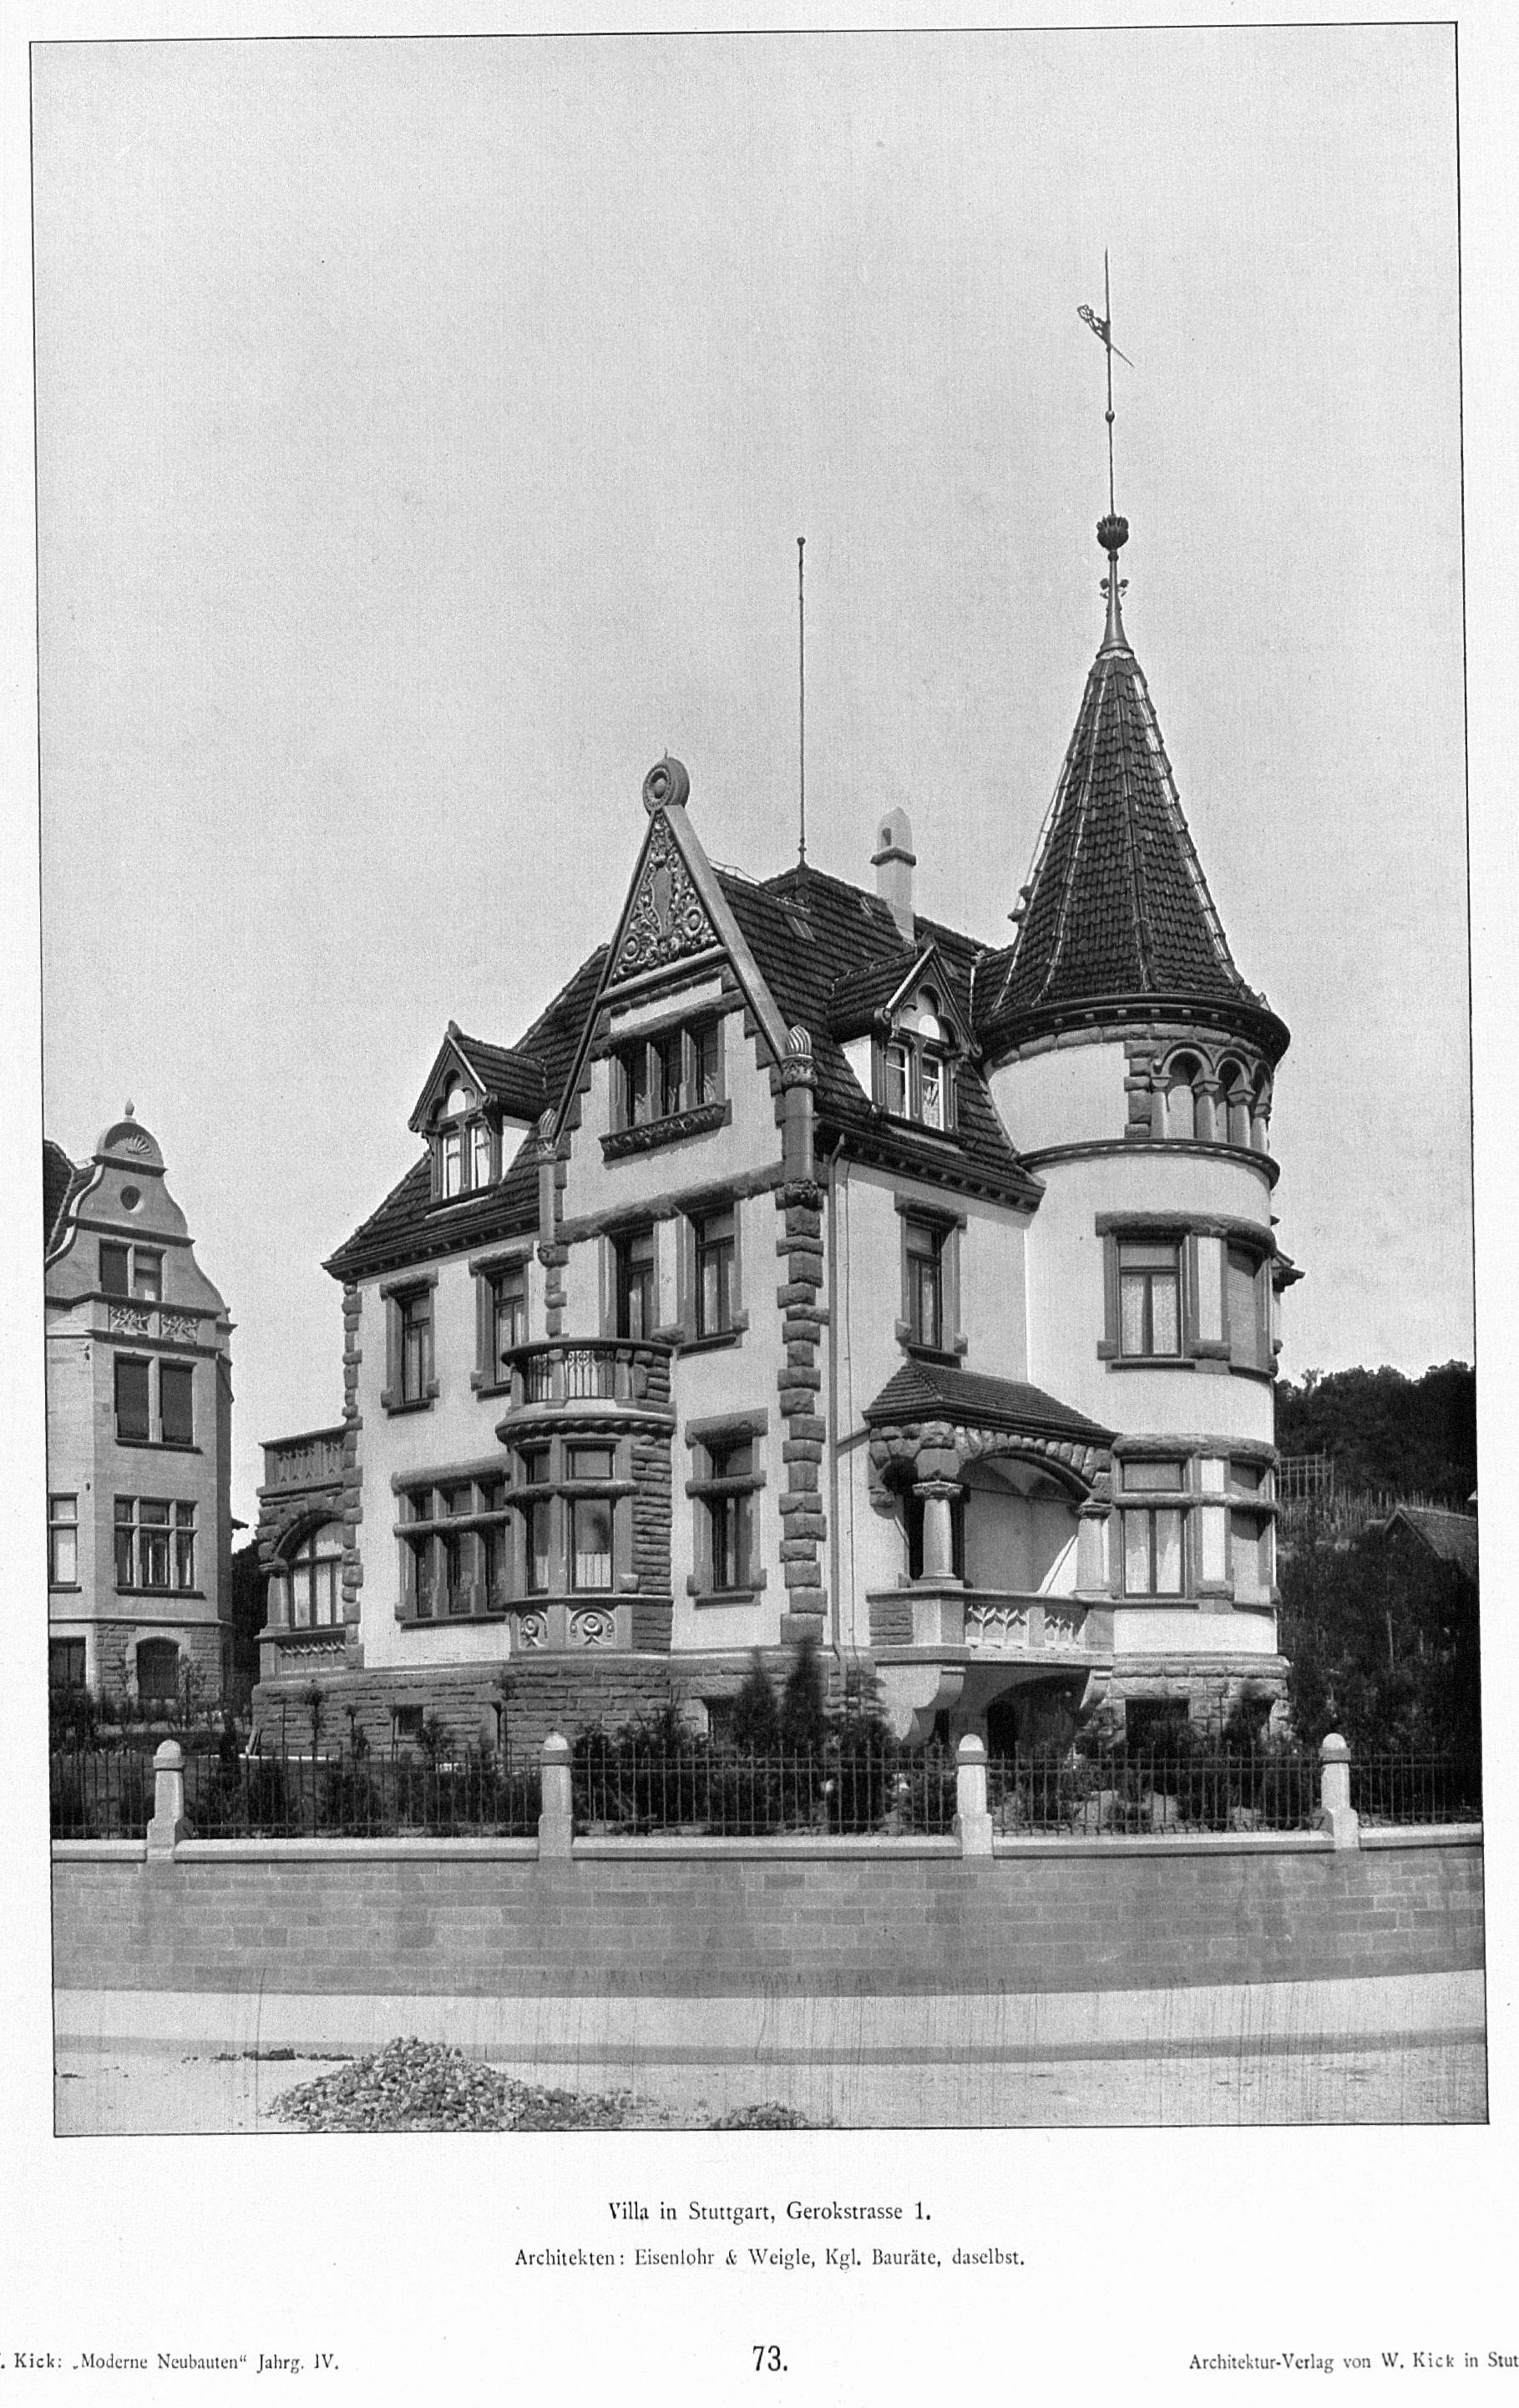 datei villa in stuttgart gerokstr 1 architekten eisenlohr weigle kgl baur te. Black Bedroom Furniture Sets. Home Design Ideas